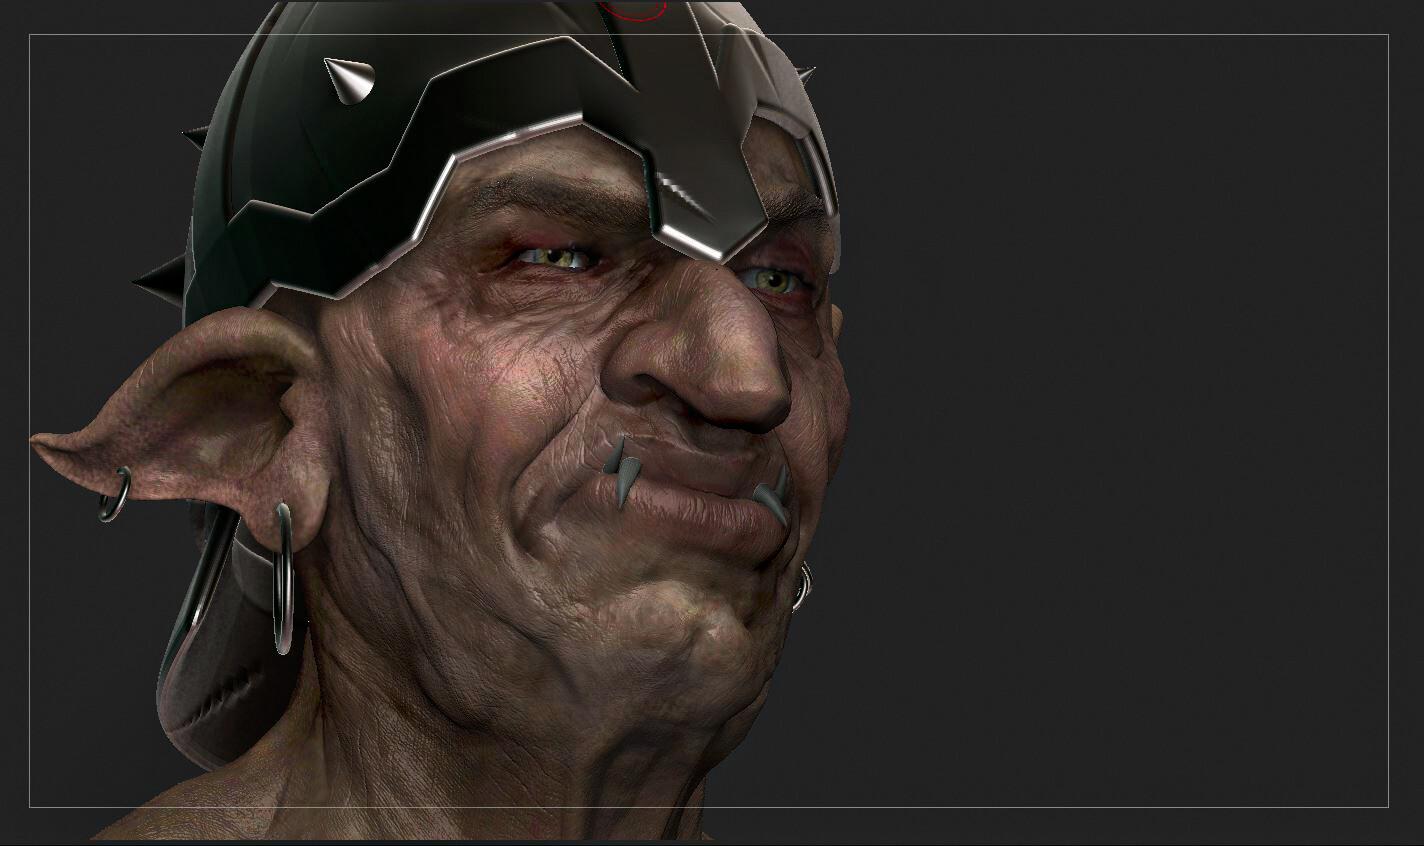 Wip - Warrior Goblin - 3d character design